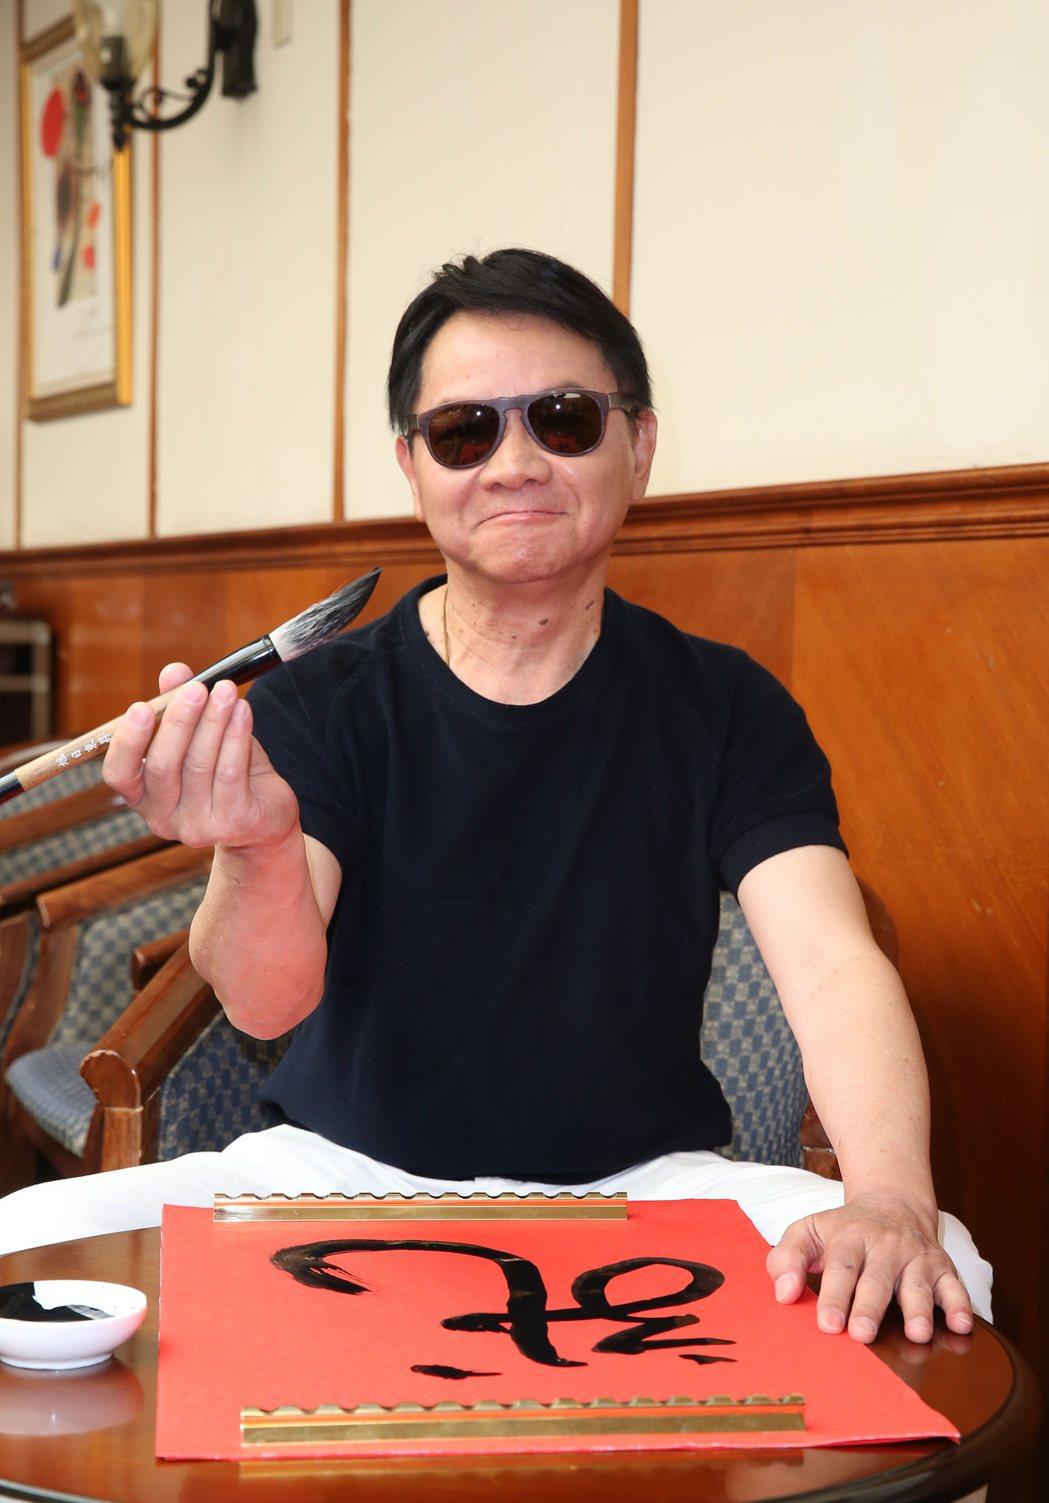 寶島歌王葉啟田下午舉行演唱會加場記者會,並當場揮毫「一條活龍」,澄清罹患失智症危